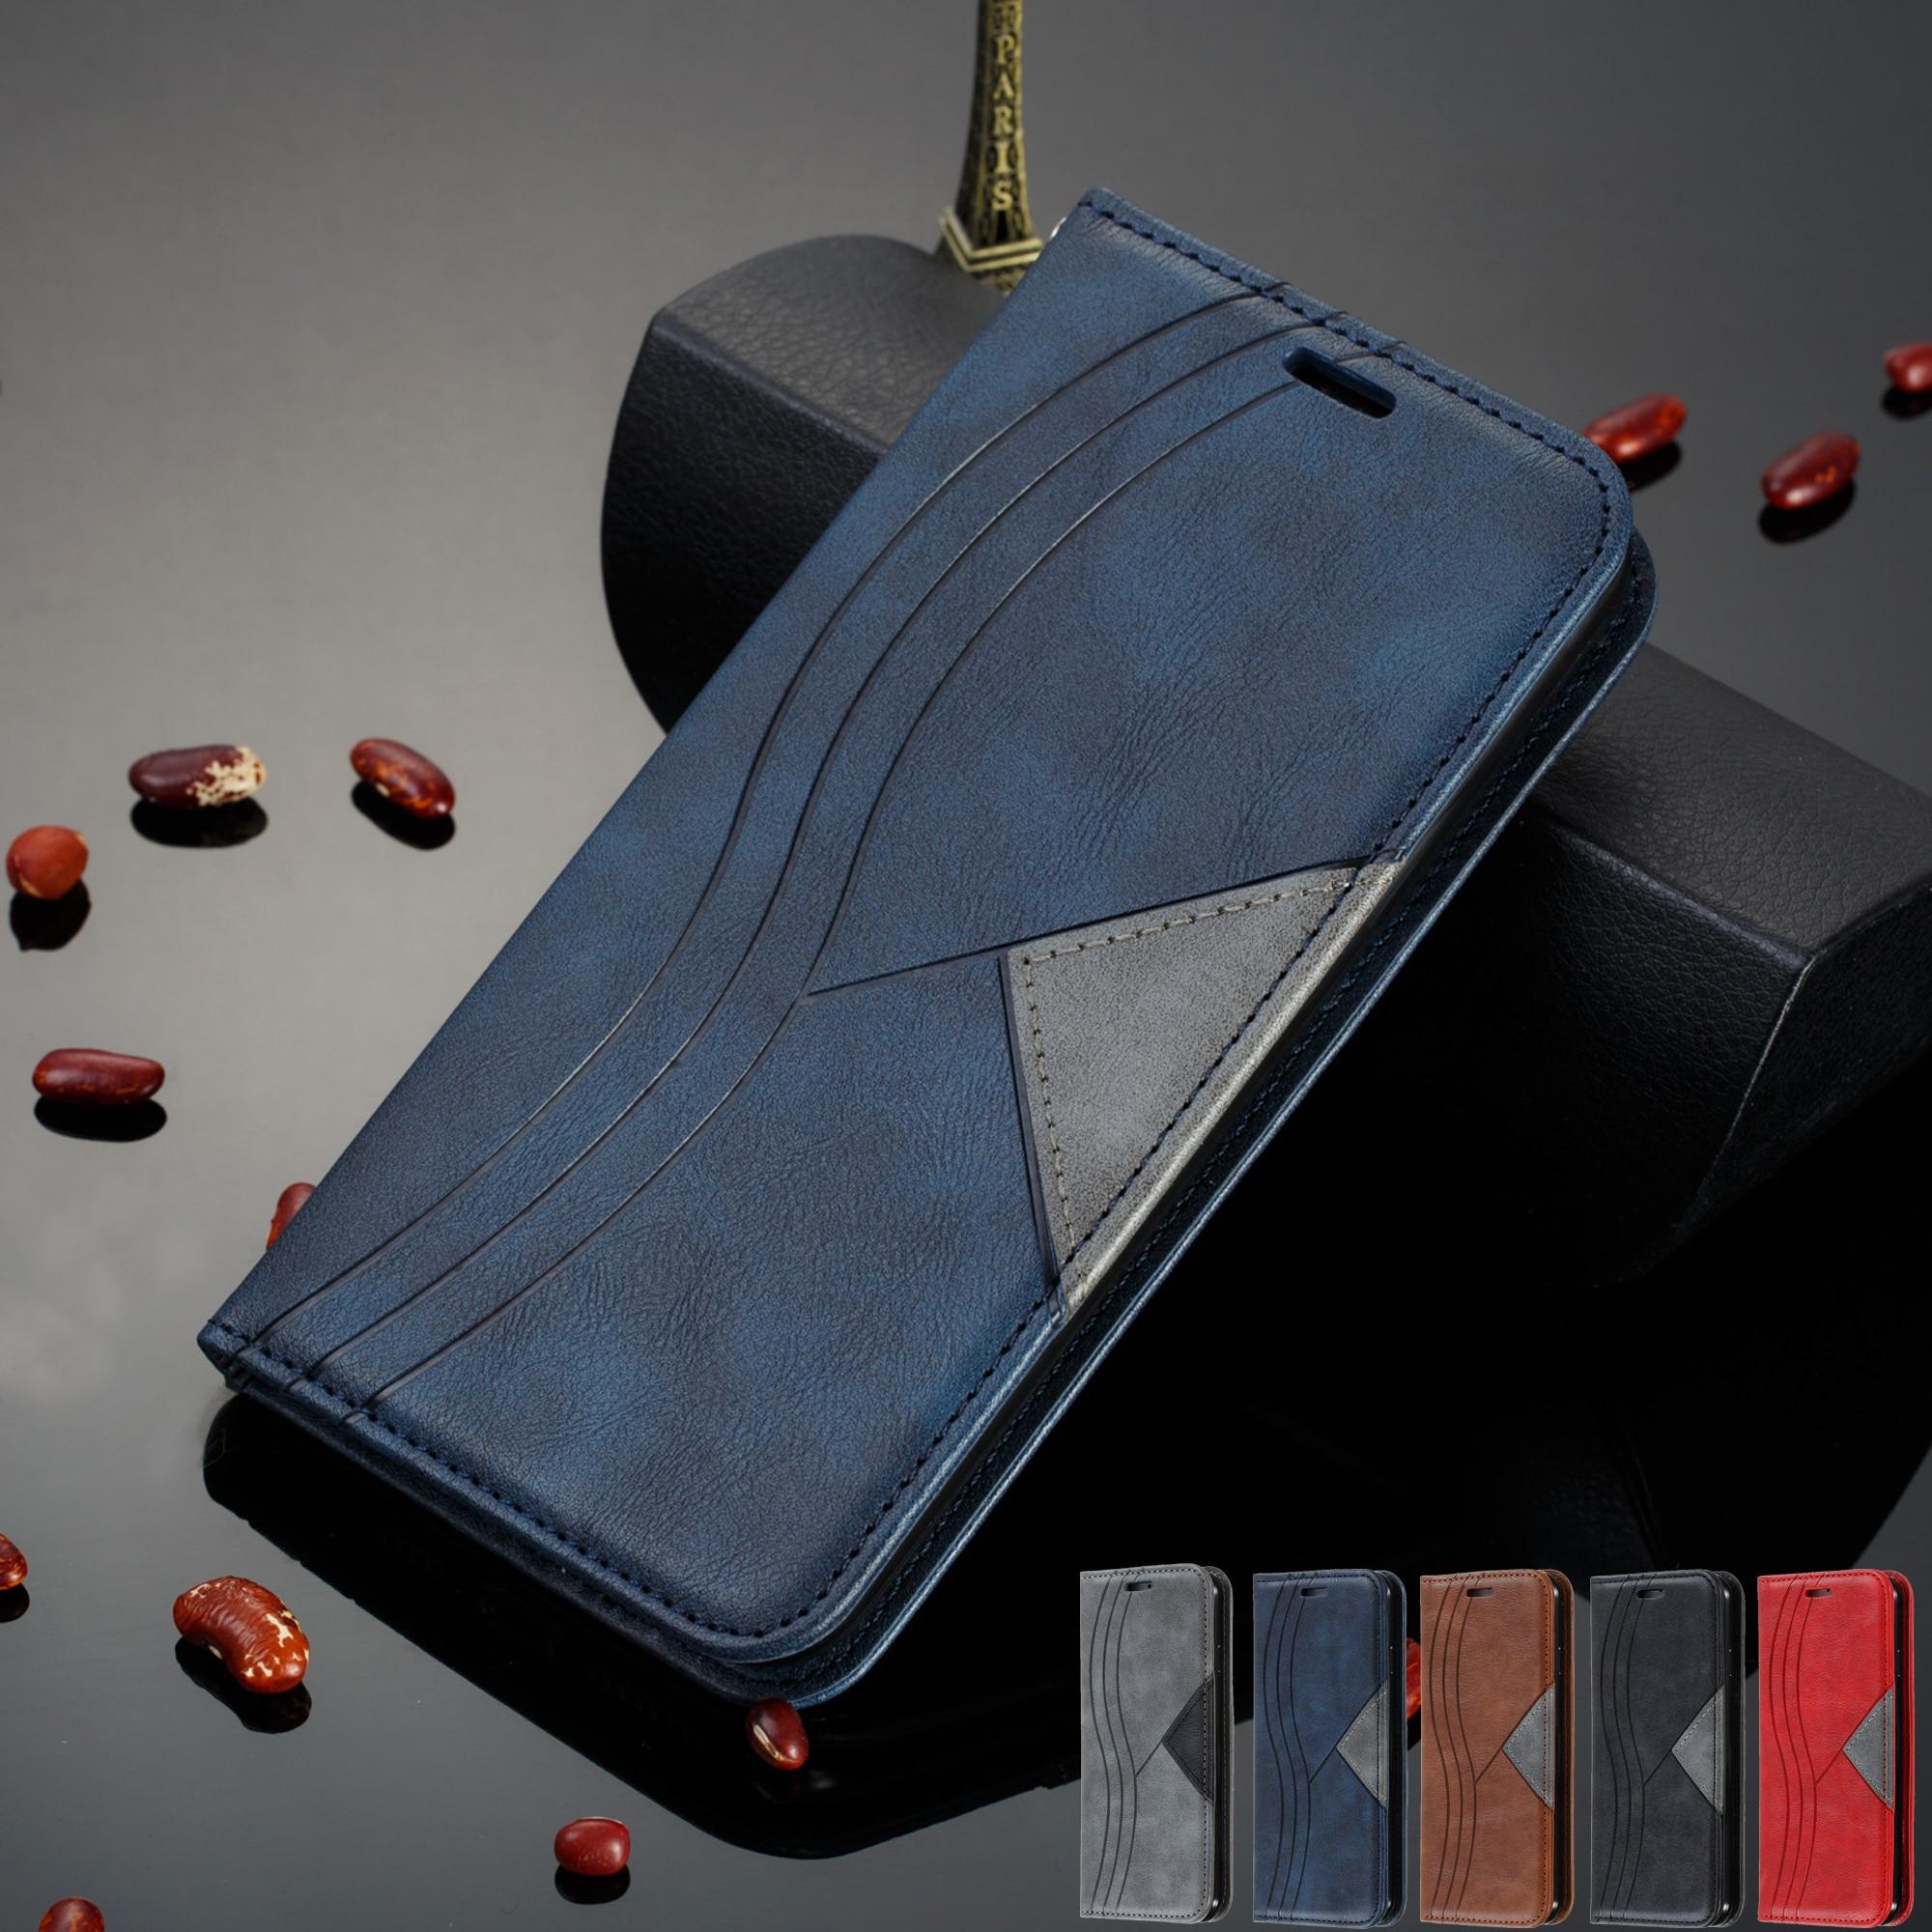 For Xiaomi Mi 9 9T CC9 Note 10 Pro CC9E A3 Case xiomi Redmi 8 8A 7 7A 6A k20 Note 8 7 9S Pro Max 8T Case Leather Cover Coque